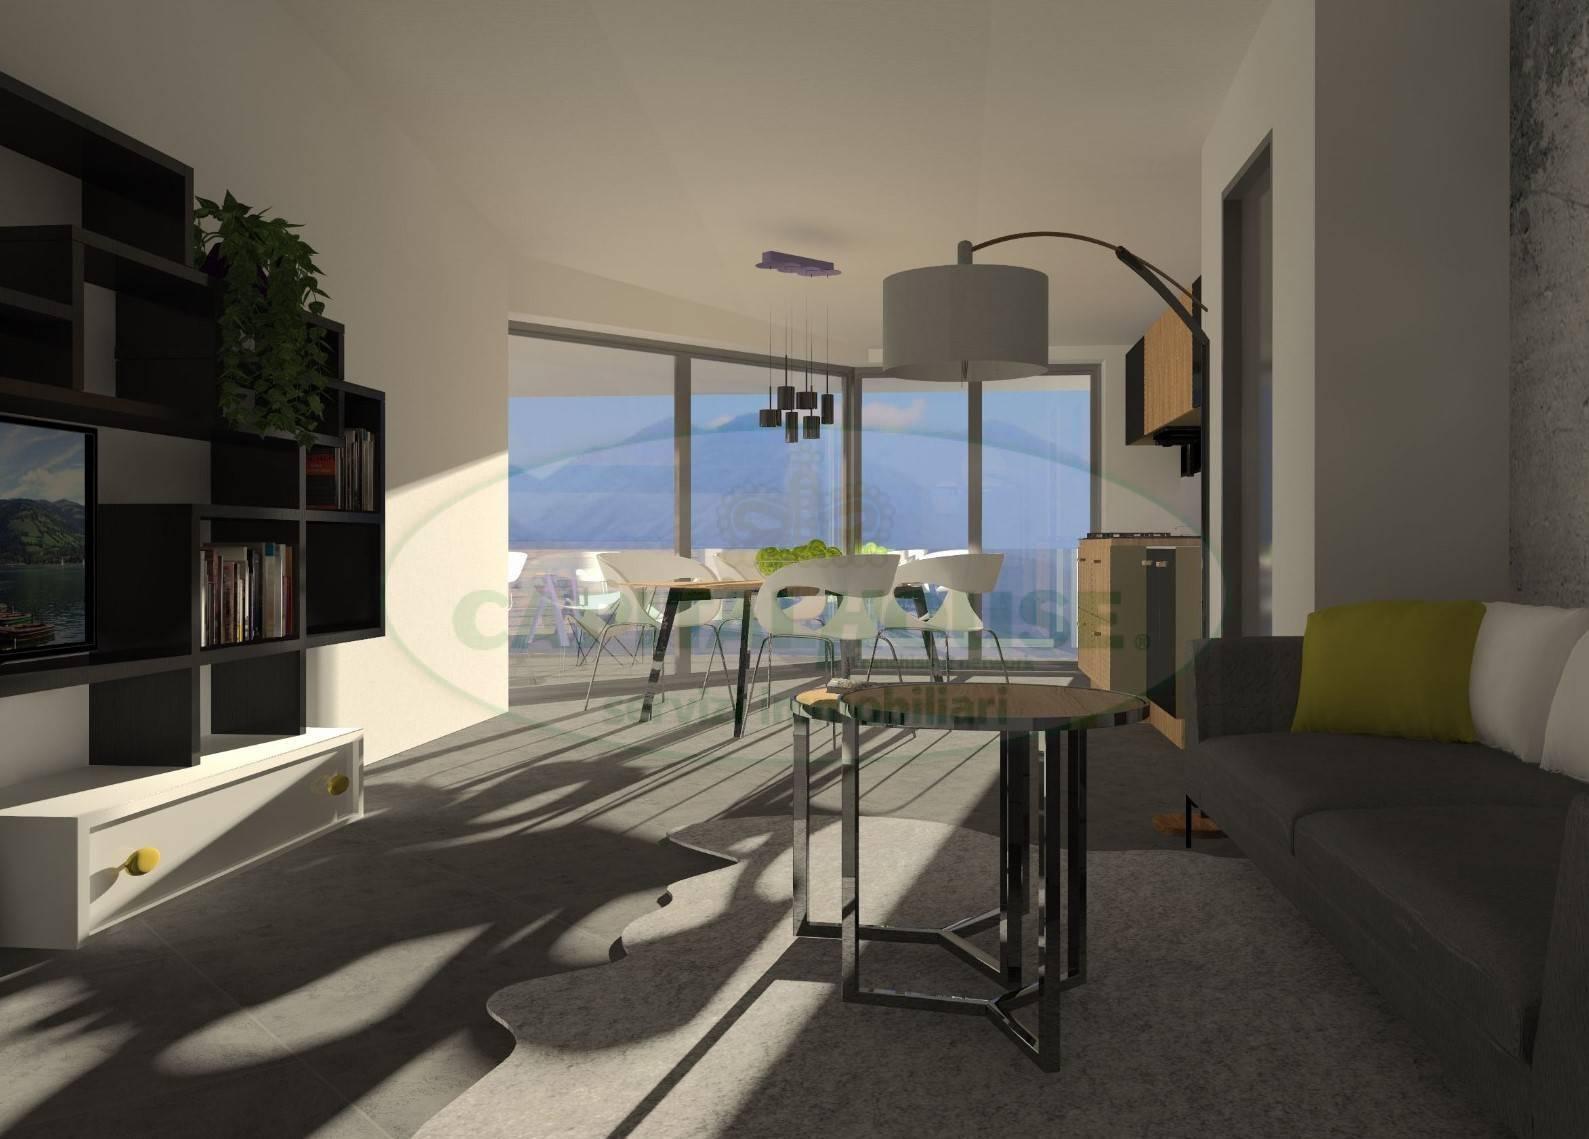 Appartamento in vendita a Cicciano, 3 locali, prezzo € 140.000 | CambioCasa.it